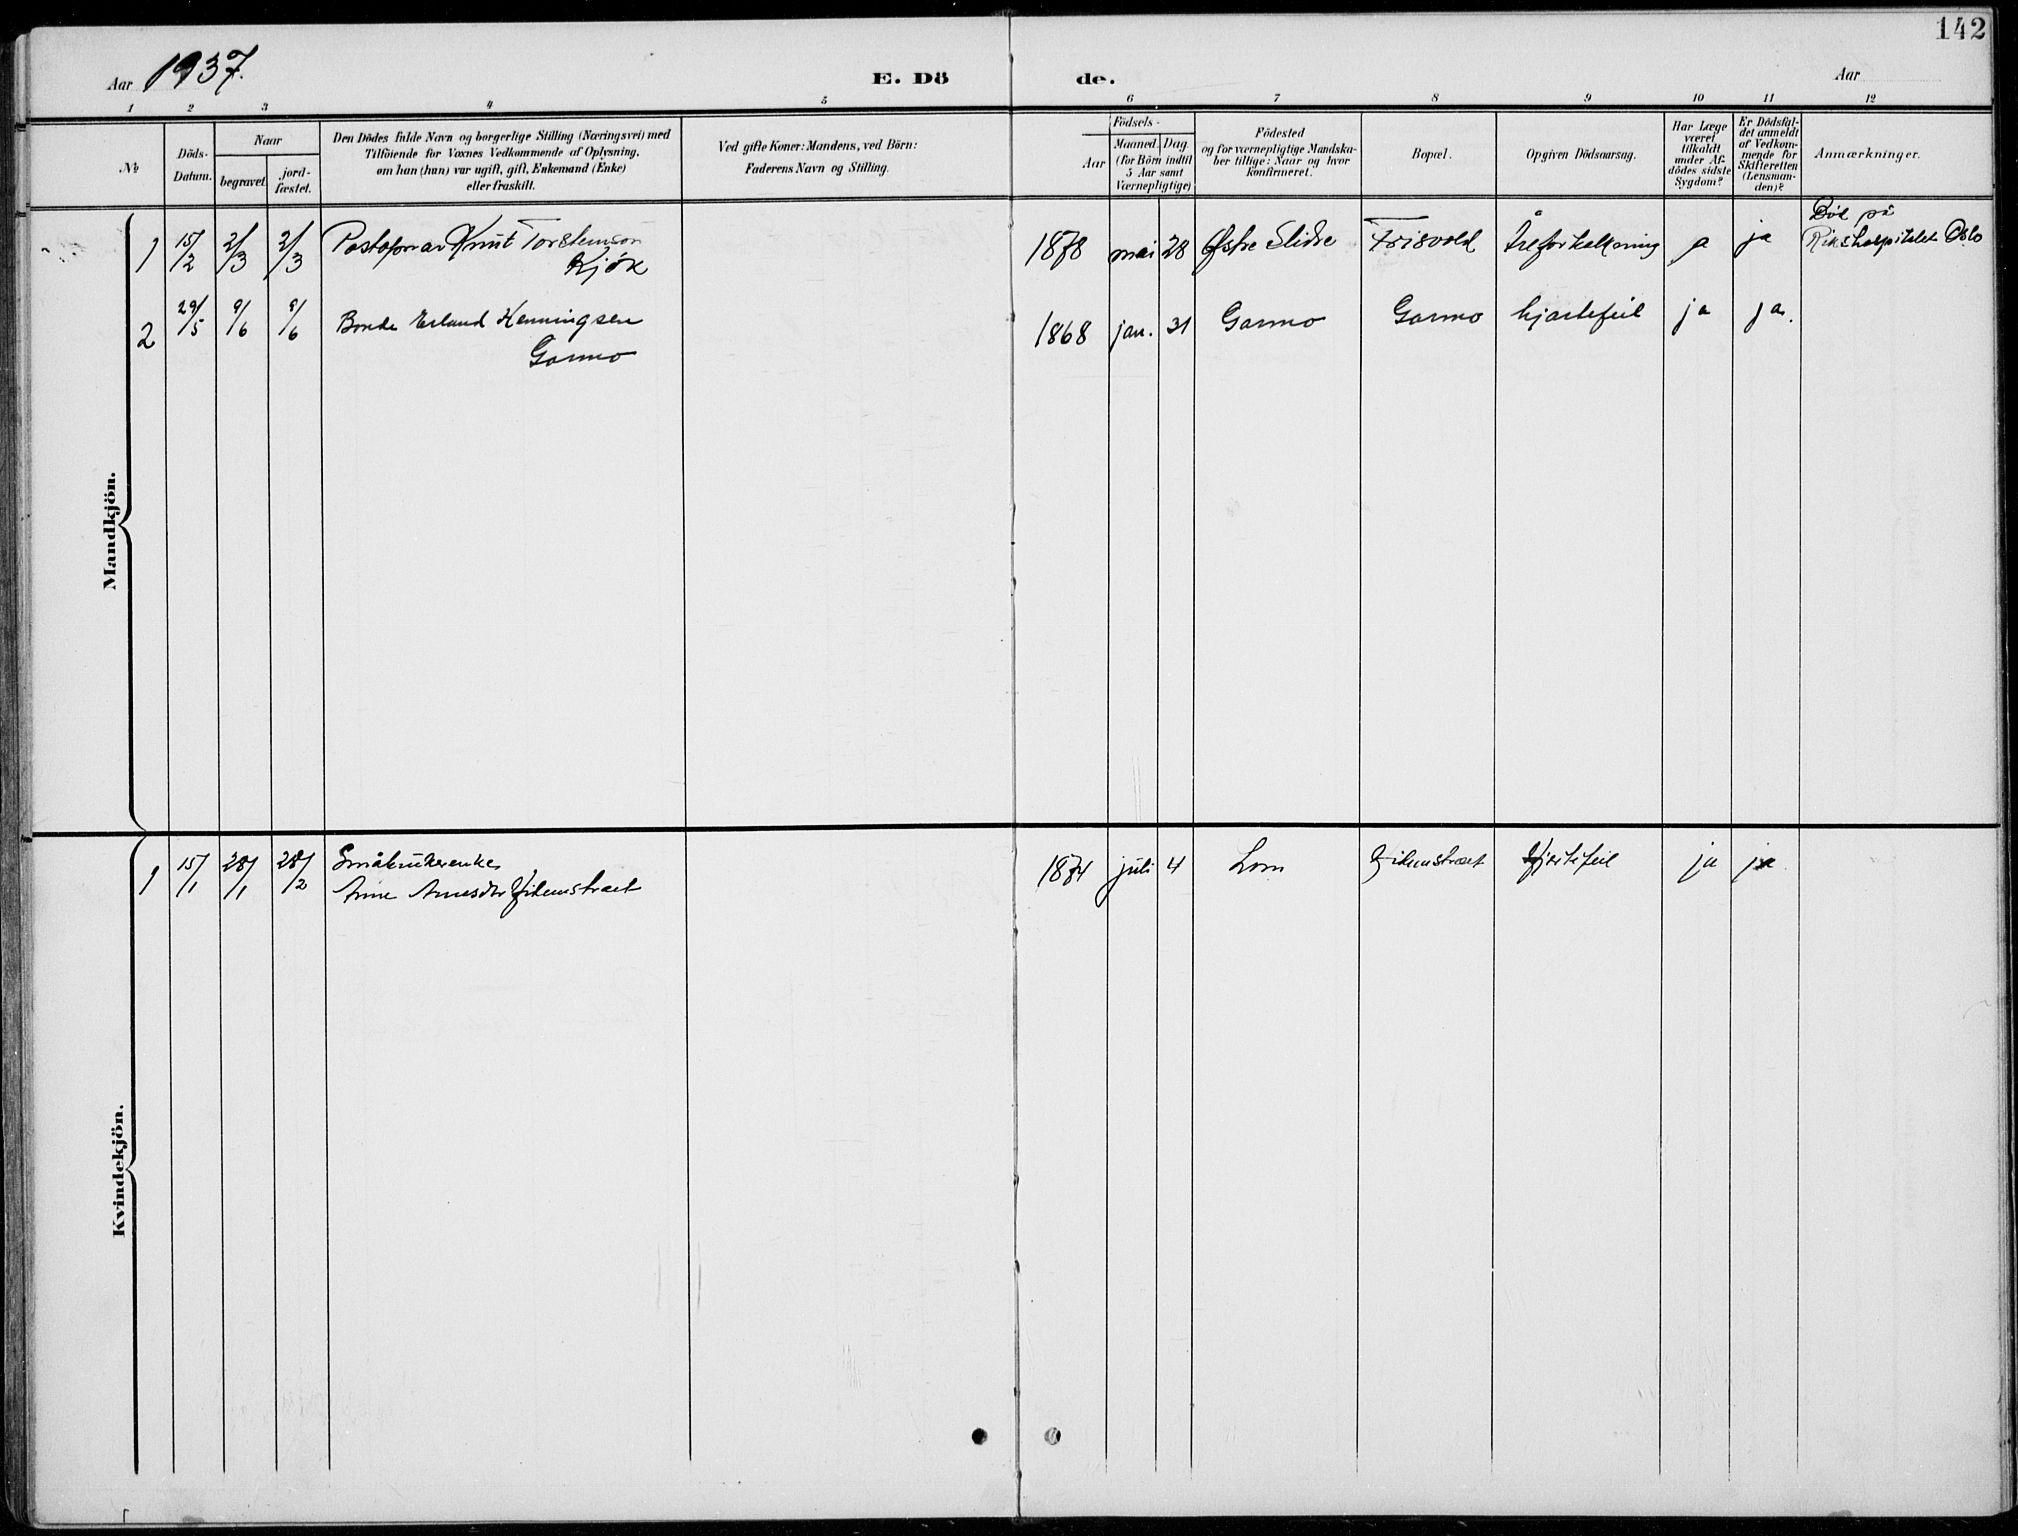 SAH, Lom prestekontor, L/L0006: Klokkerbok nr. 6, 1901-1939, s. 142